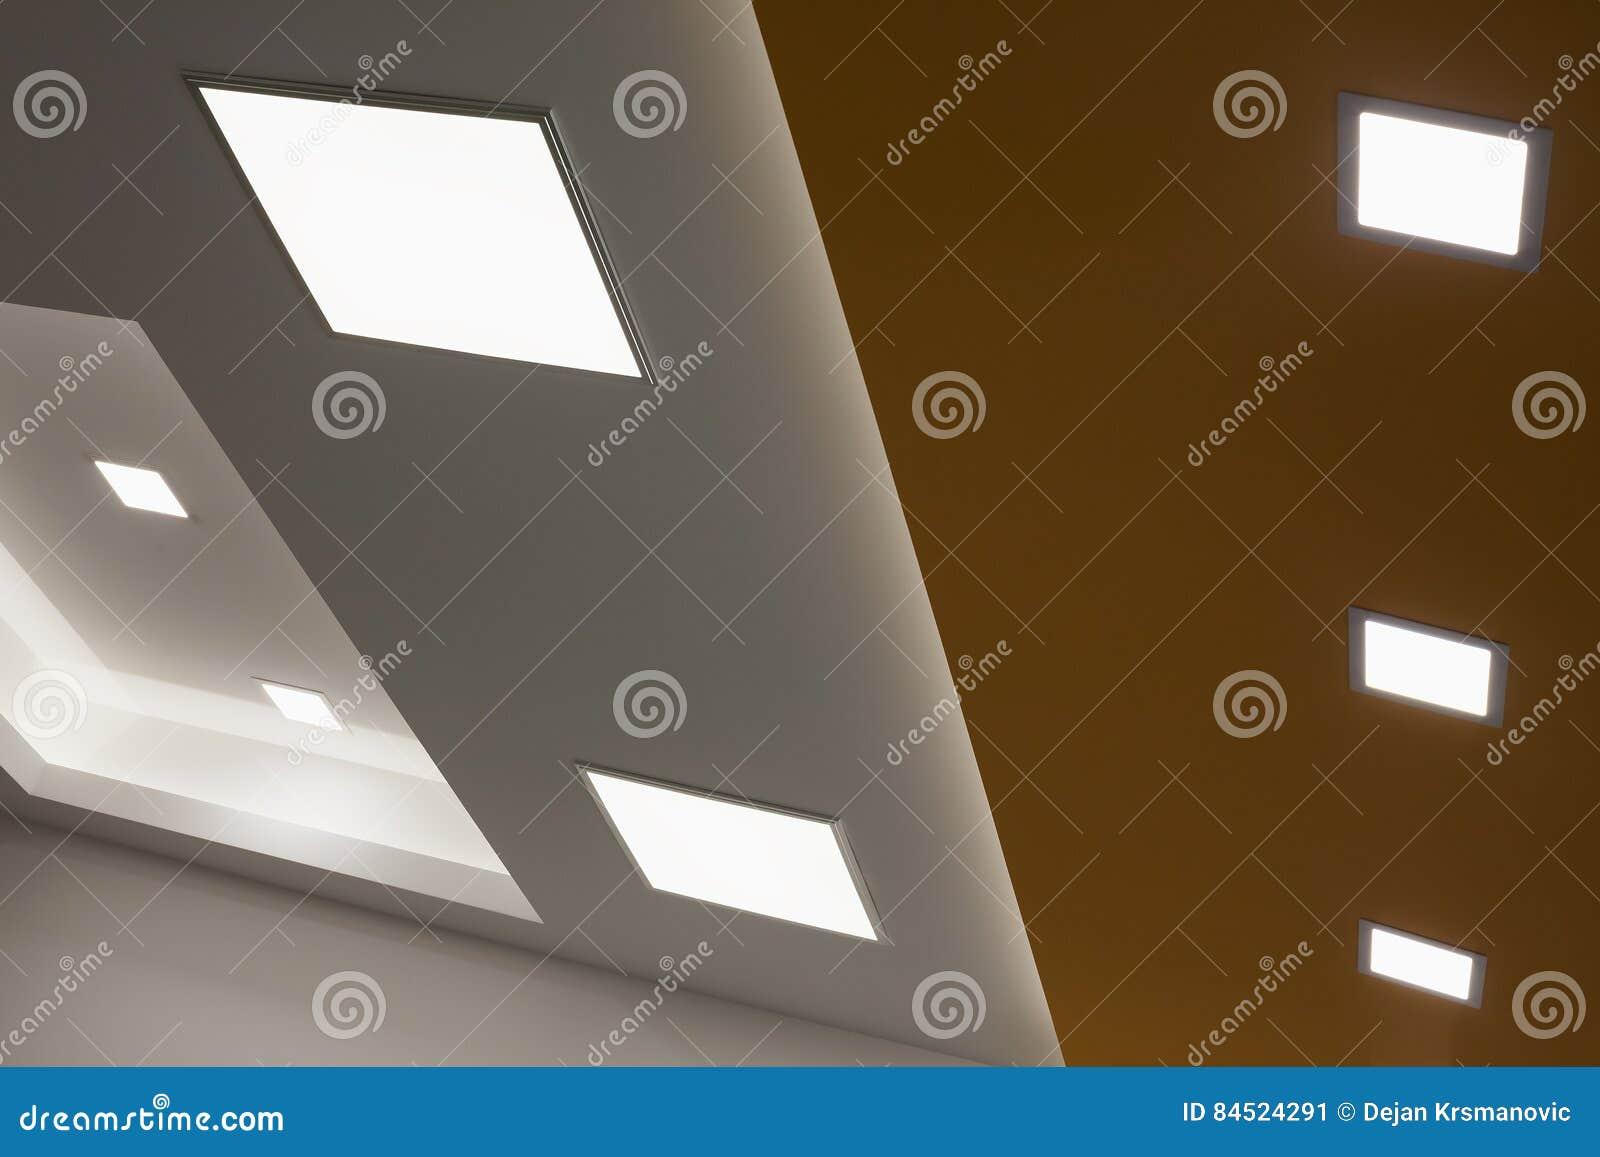 Plafoniere In Vimini : Progettazione dell plafoniere moderne immagine stock di